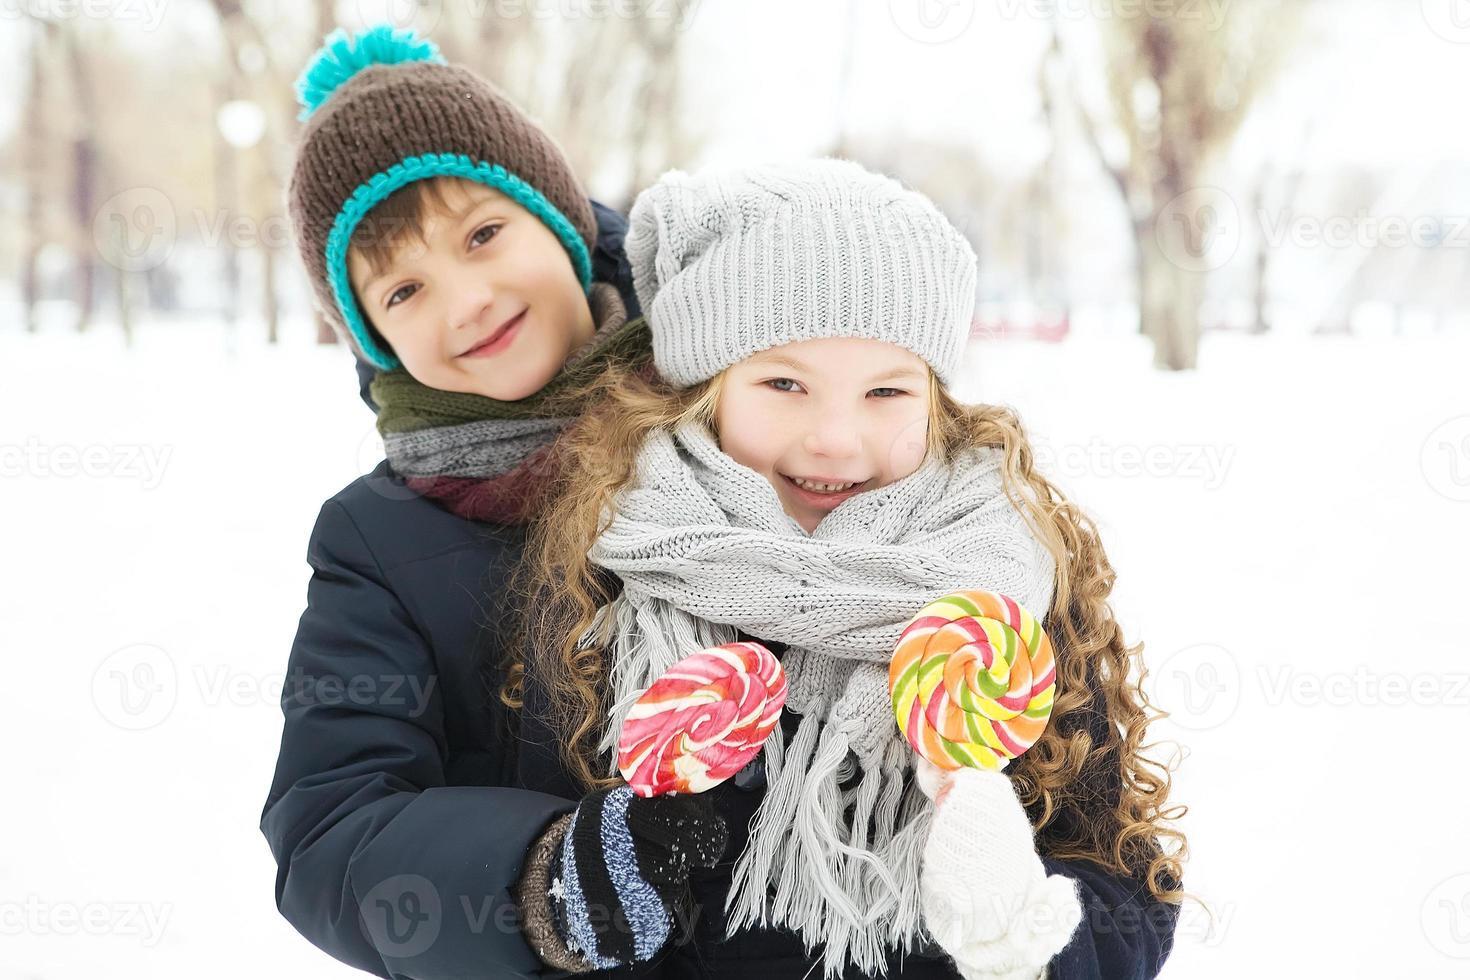 Kinder Jungen und Mädchen spielten zusammen. foto